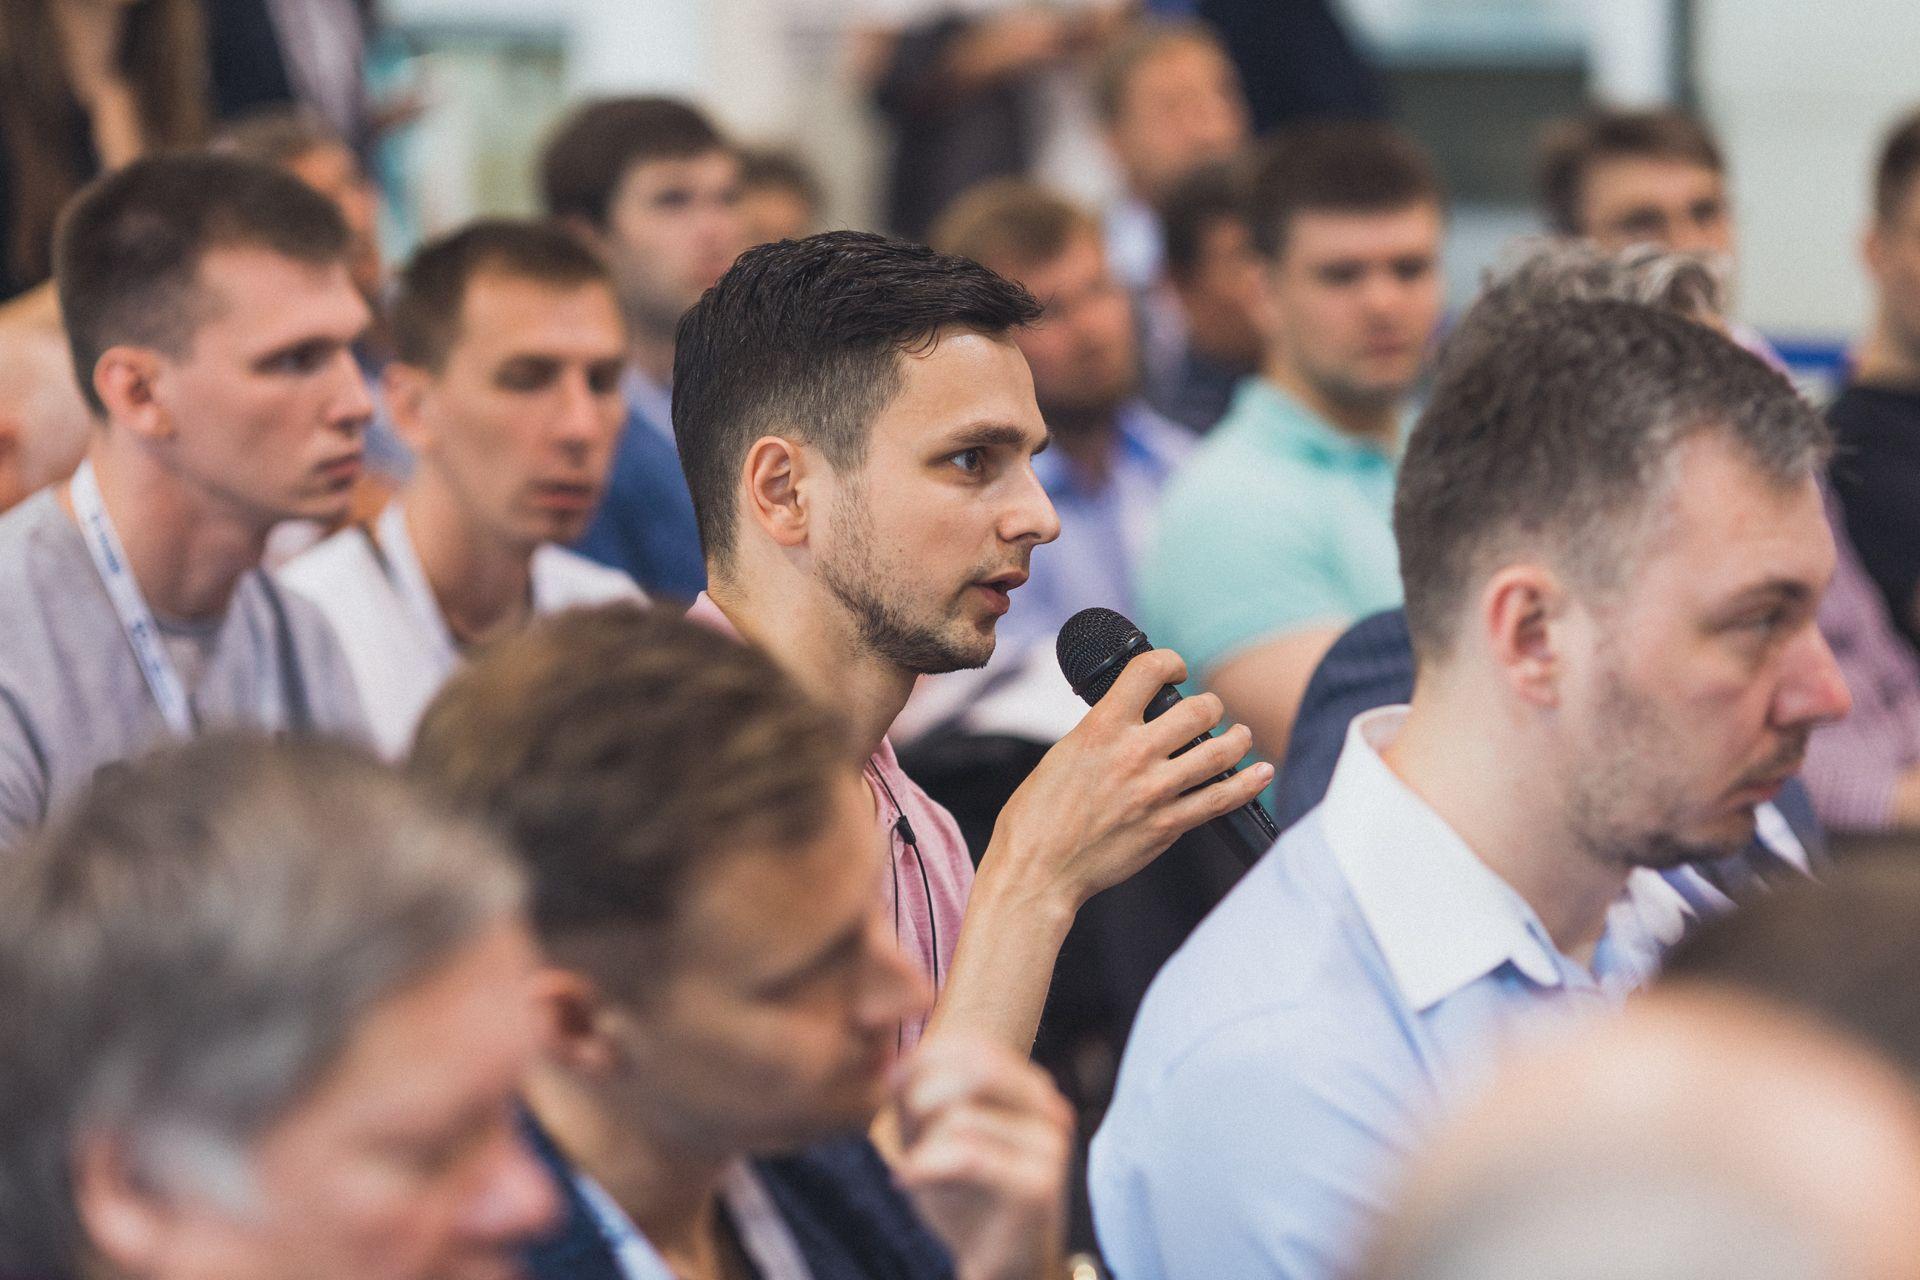 Конференция по аддитивным технологиям: вопросы из зала